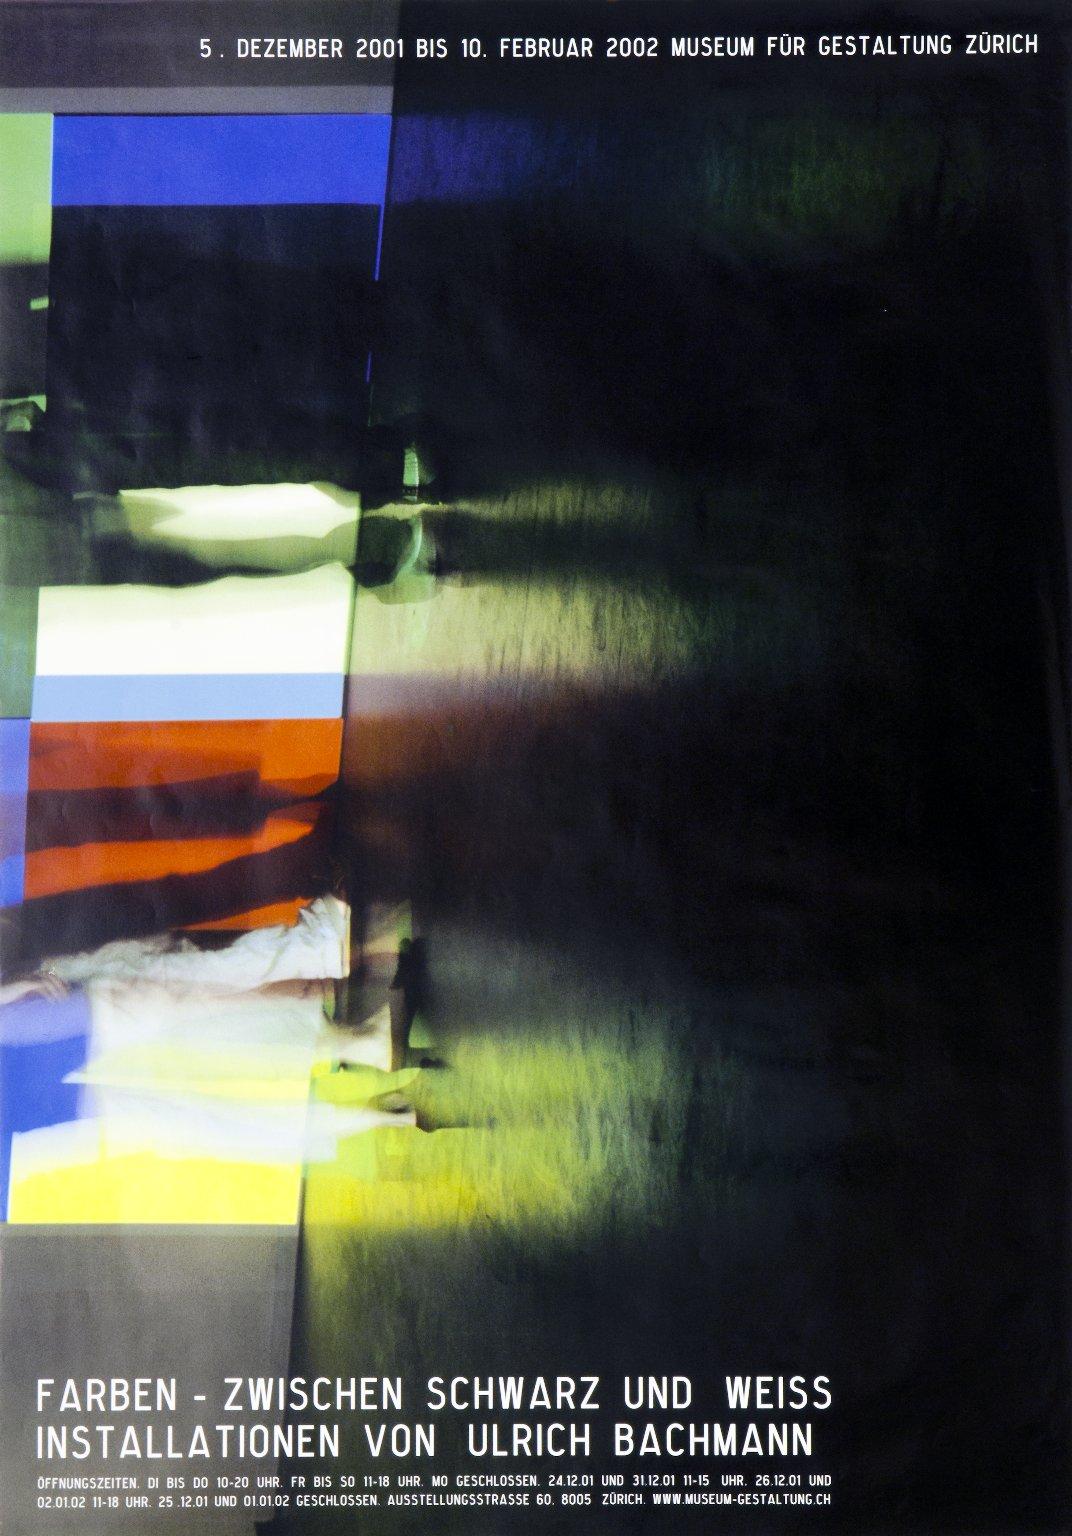 Farben - Zwischen Schwarz und Weiss